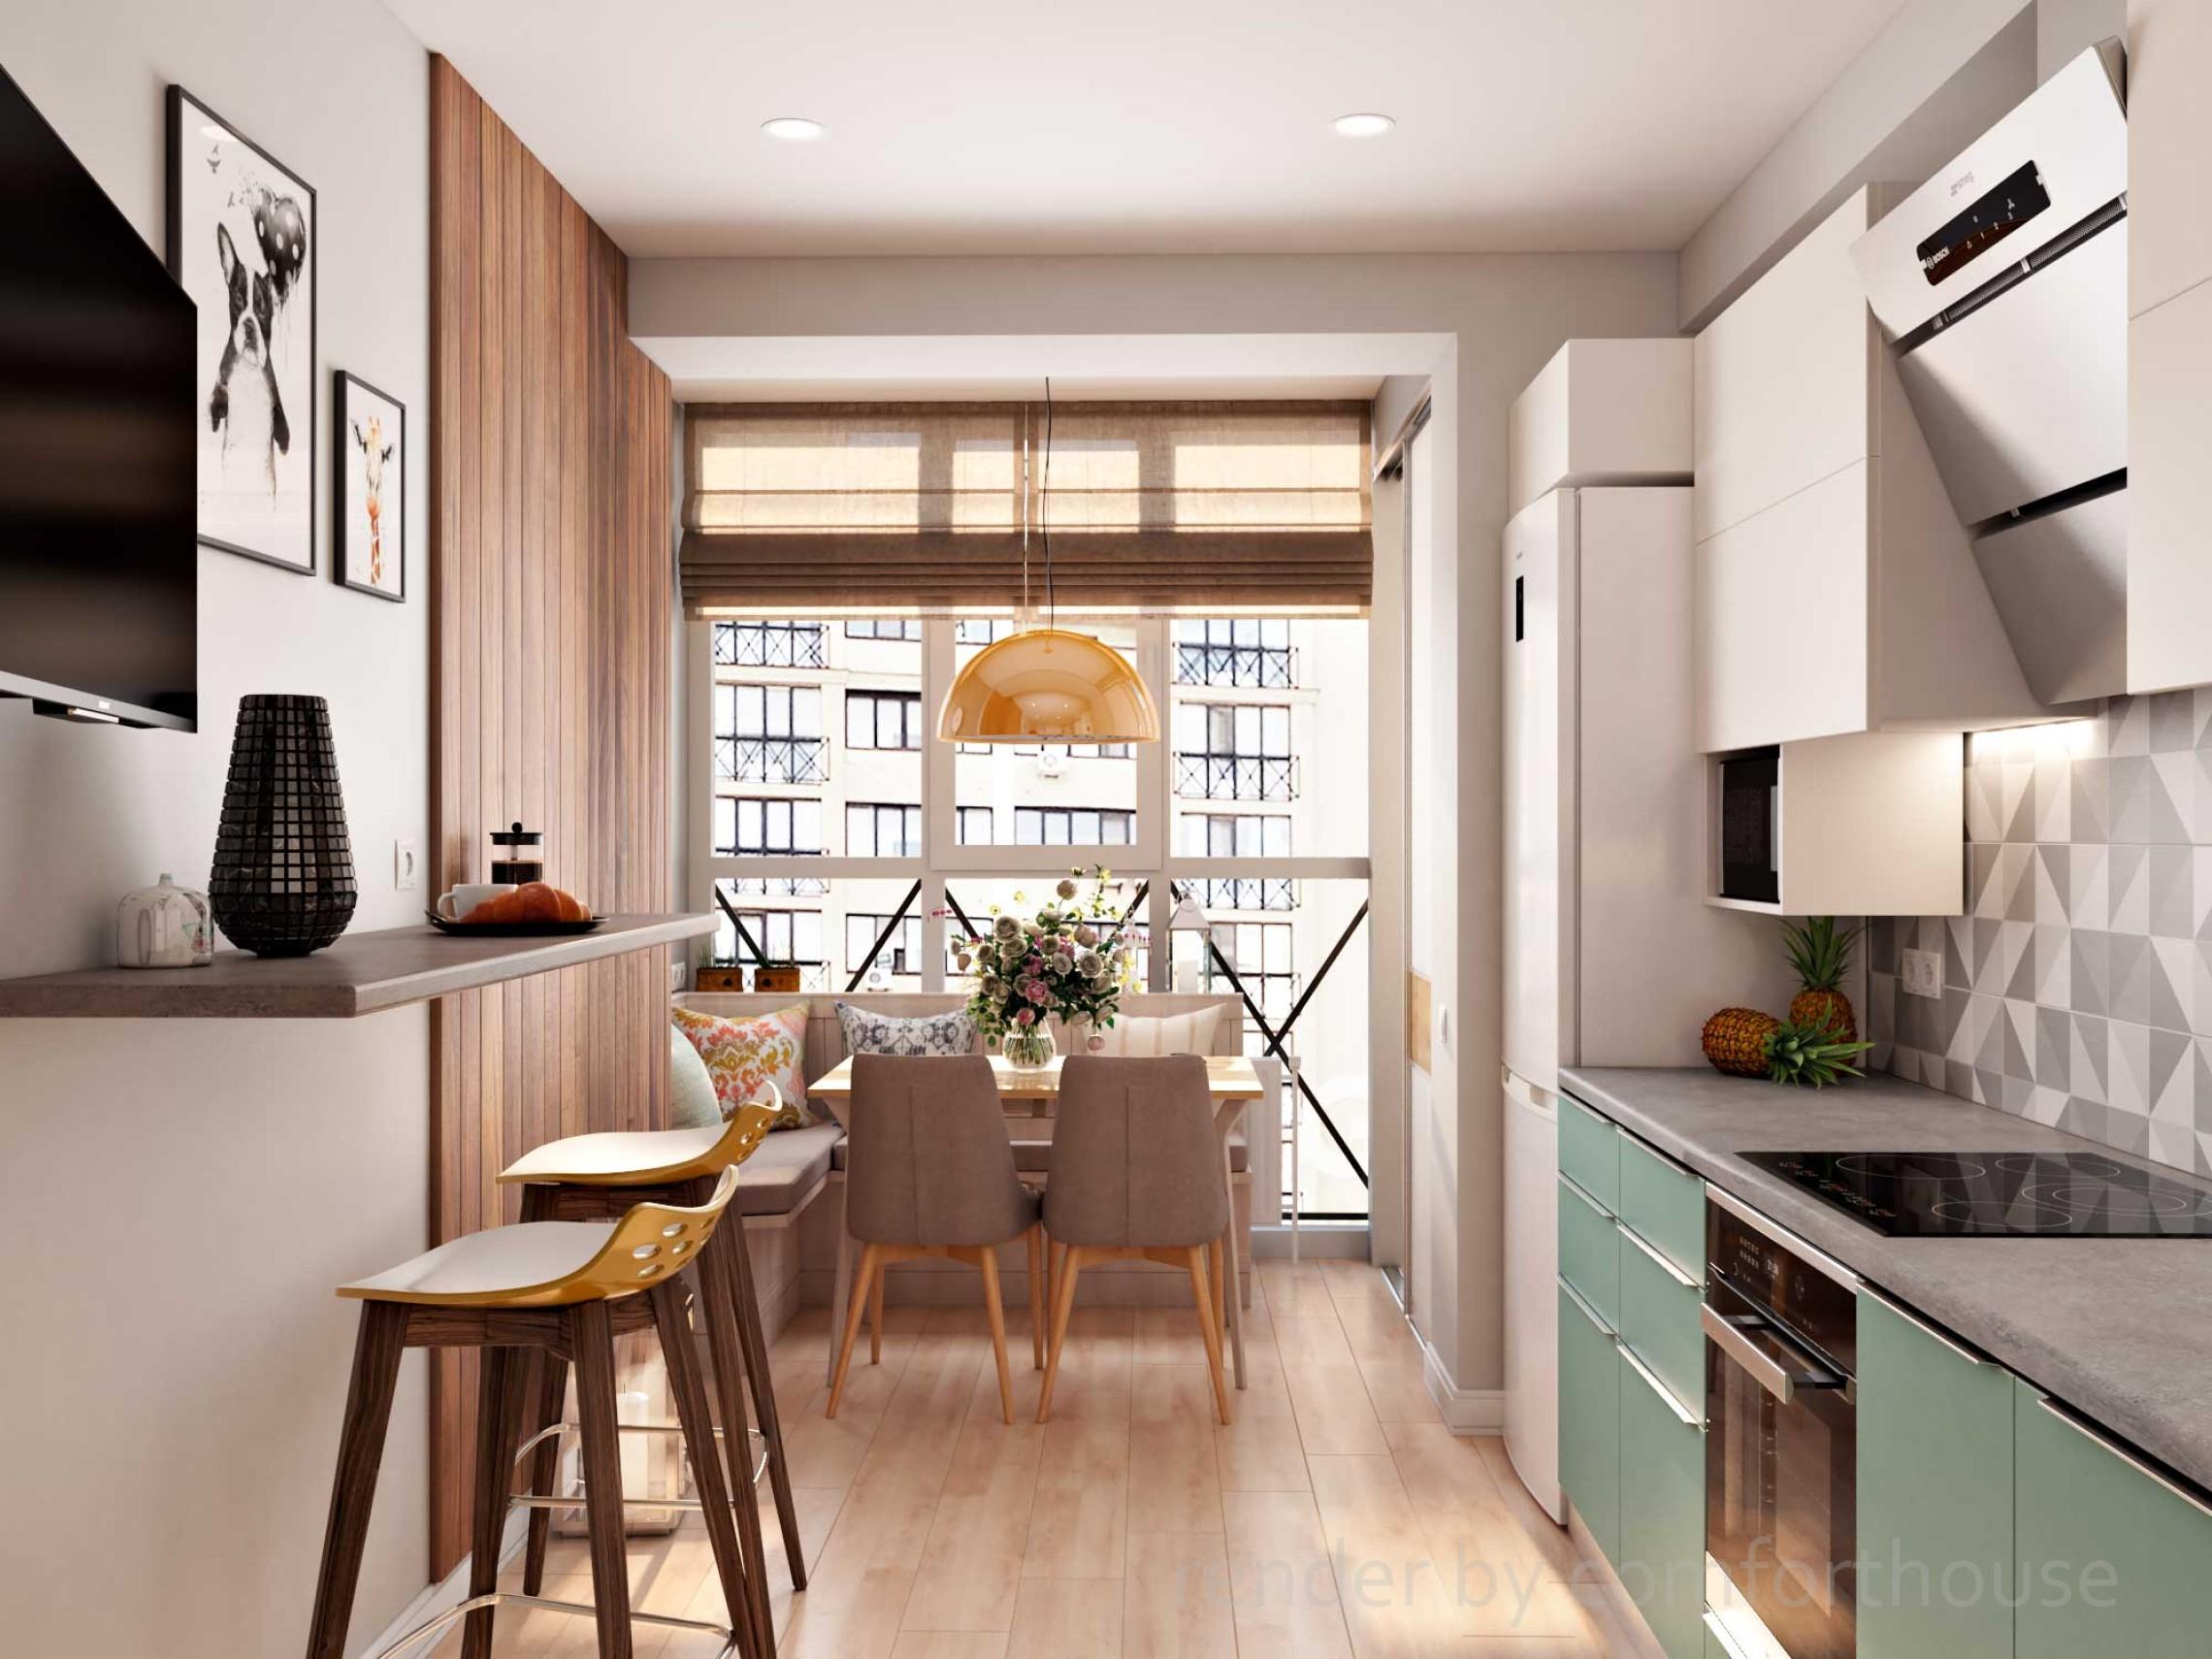 bright modern interior kitchen